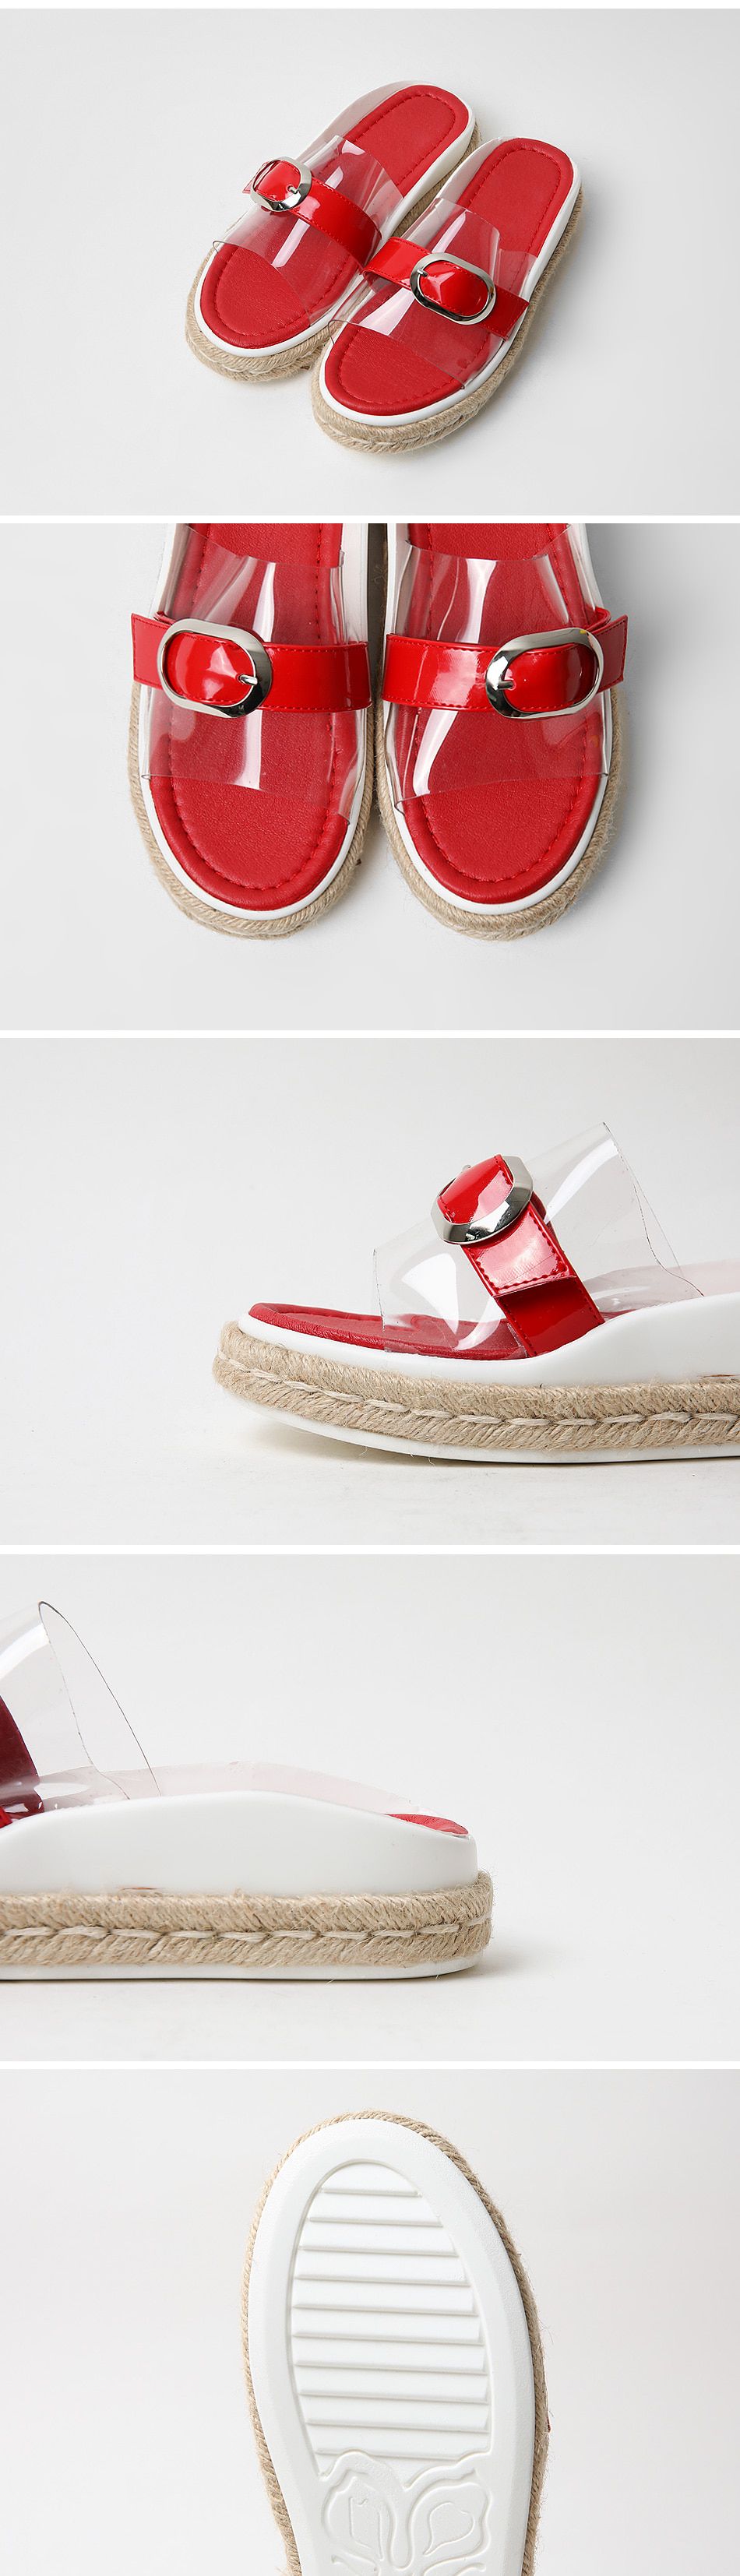 Renfia PVC Slippers 4cm